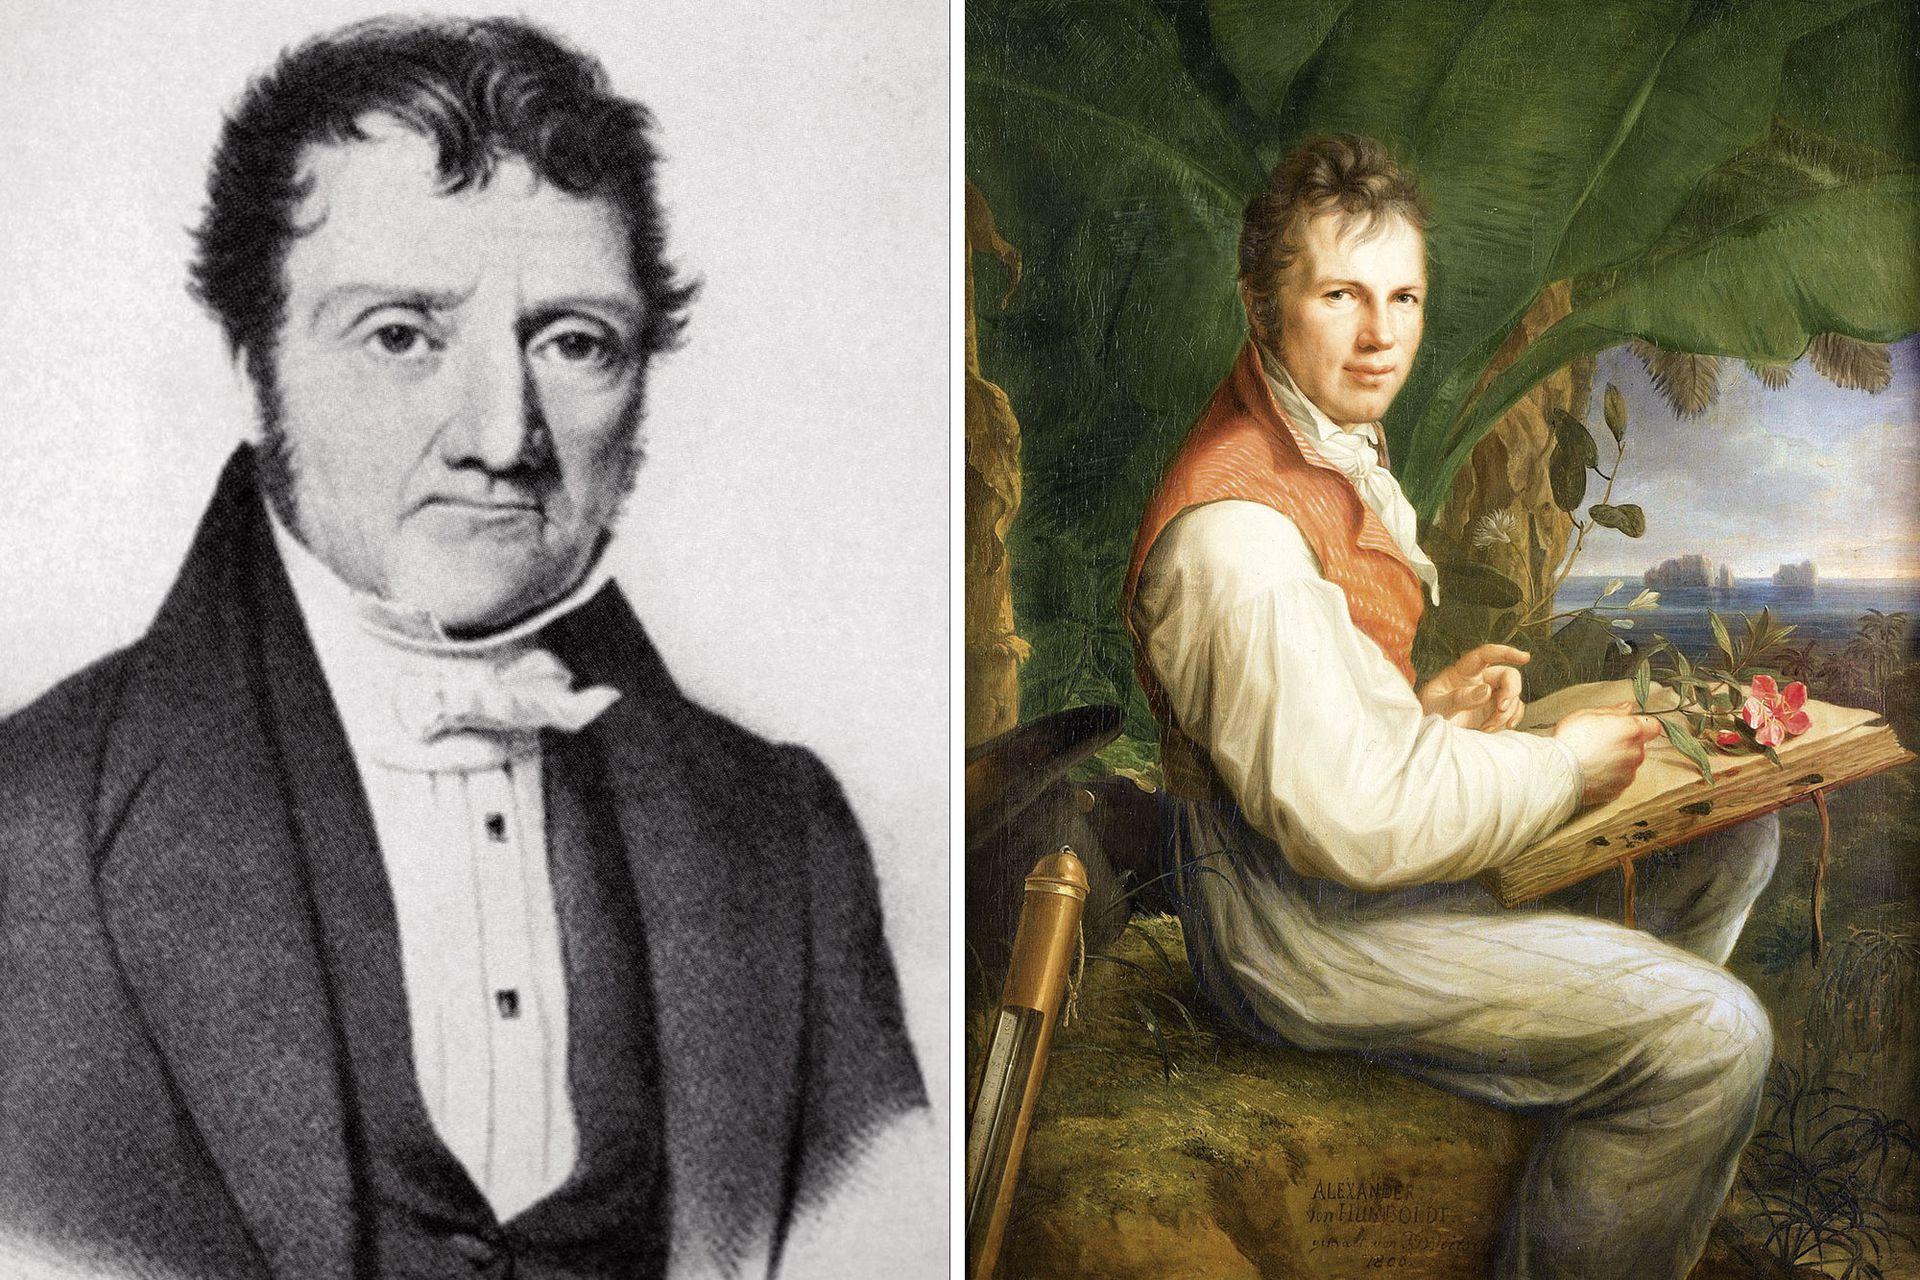 Aimé Bonpland (izquierda) y Alexander von Humboldt (derecha), dos botánicos célebres que emprendieron juntos expediciones naturalistas y dejaron una huella imborrable en el mundo de la botánica.